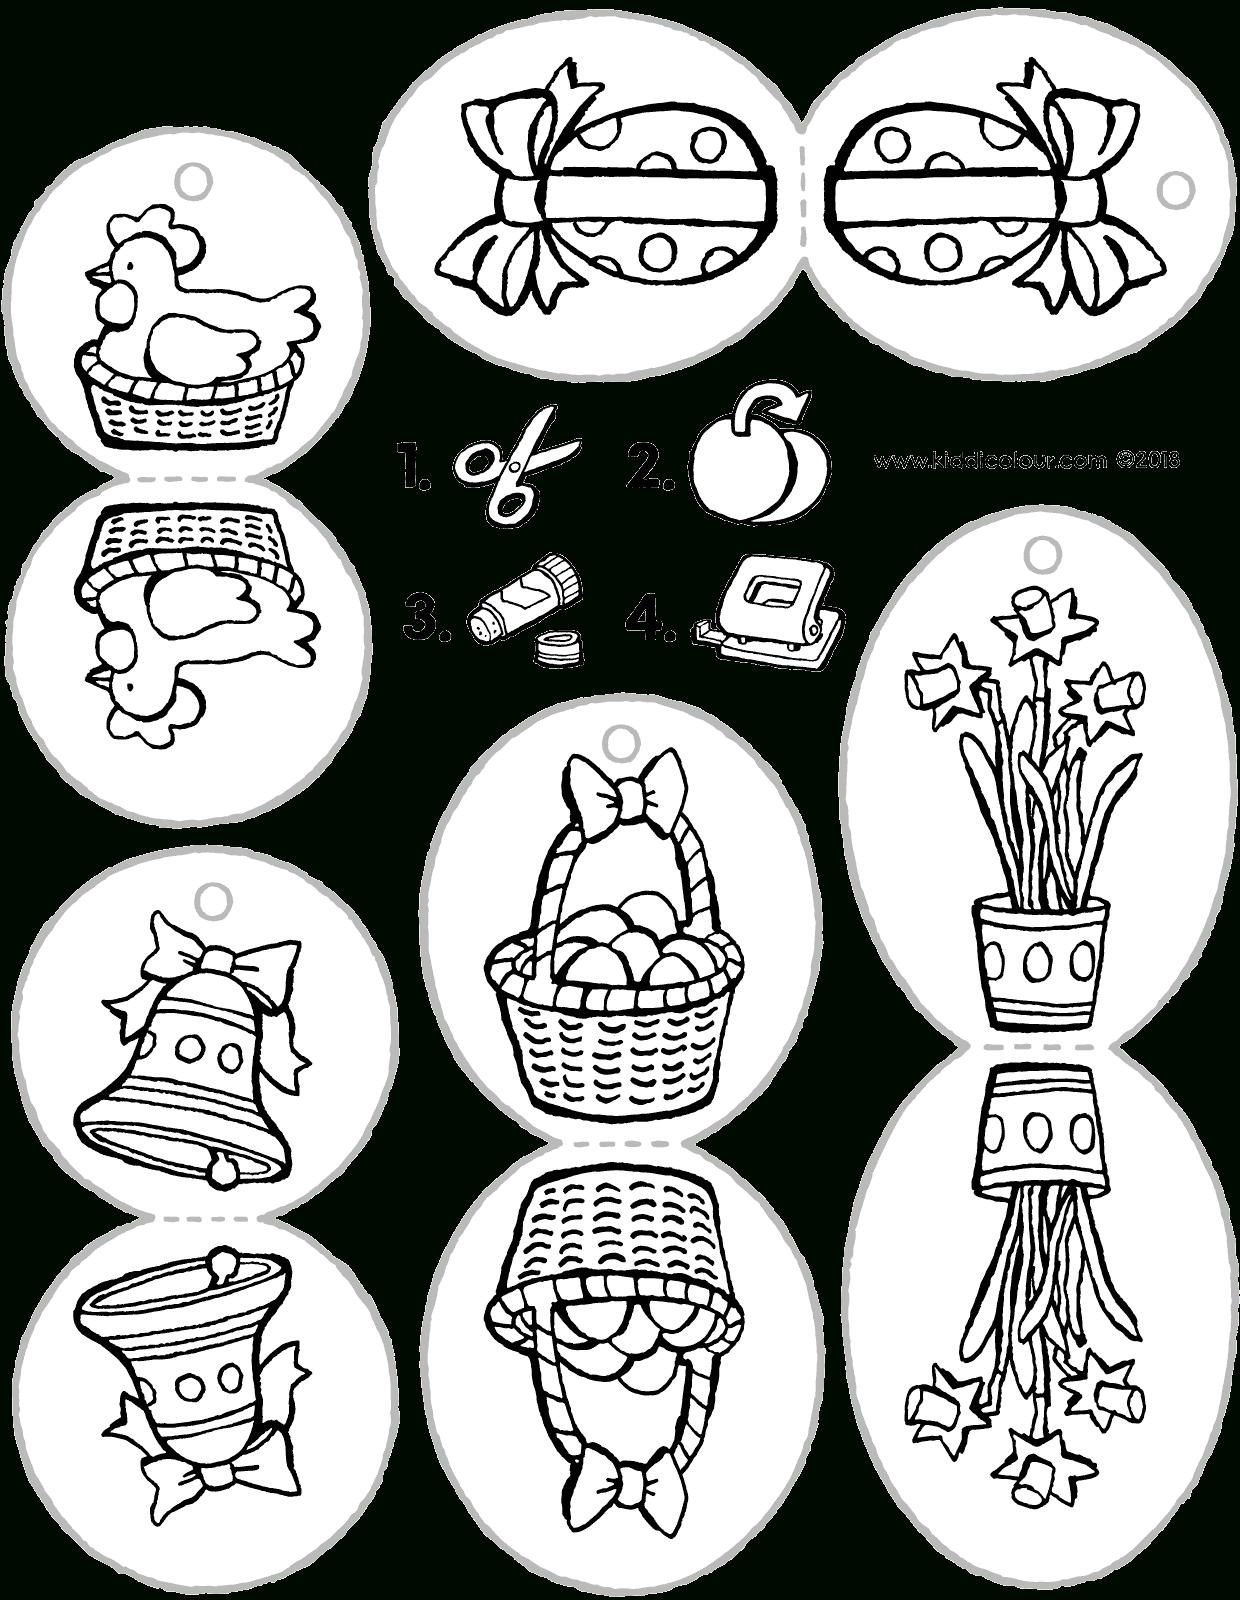 Décoration Pour Arbre De Pâques - Kiddicoloriage pour Dessin Pour Paques